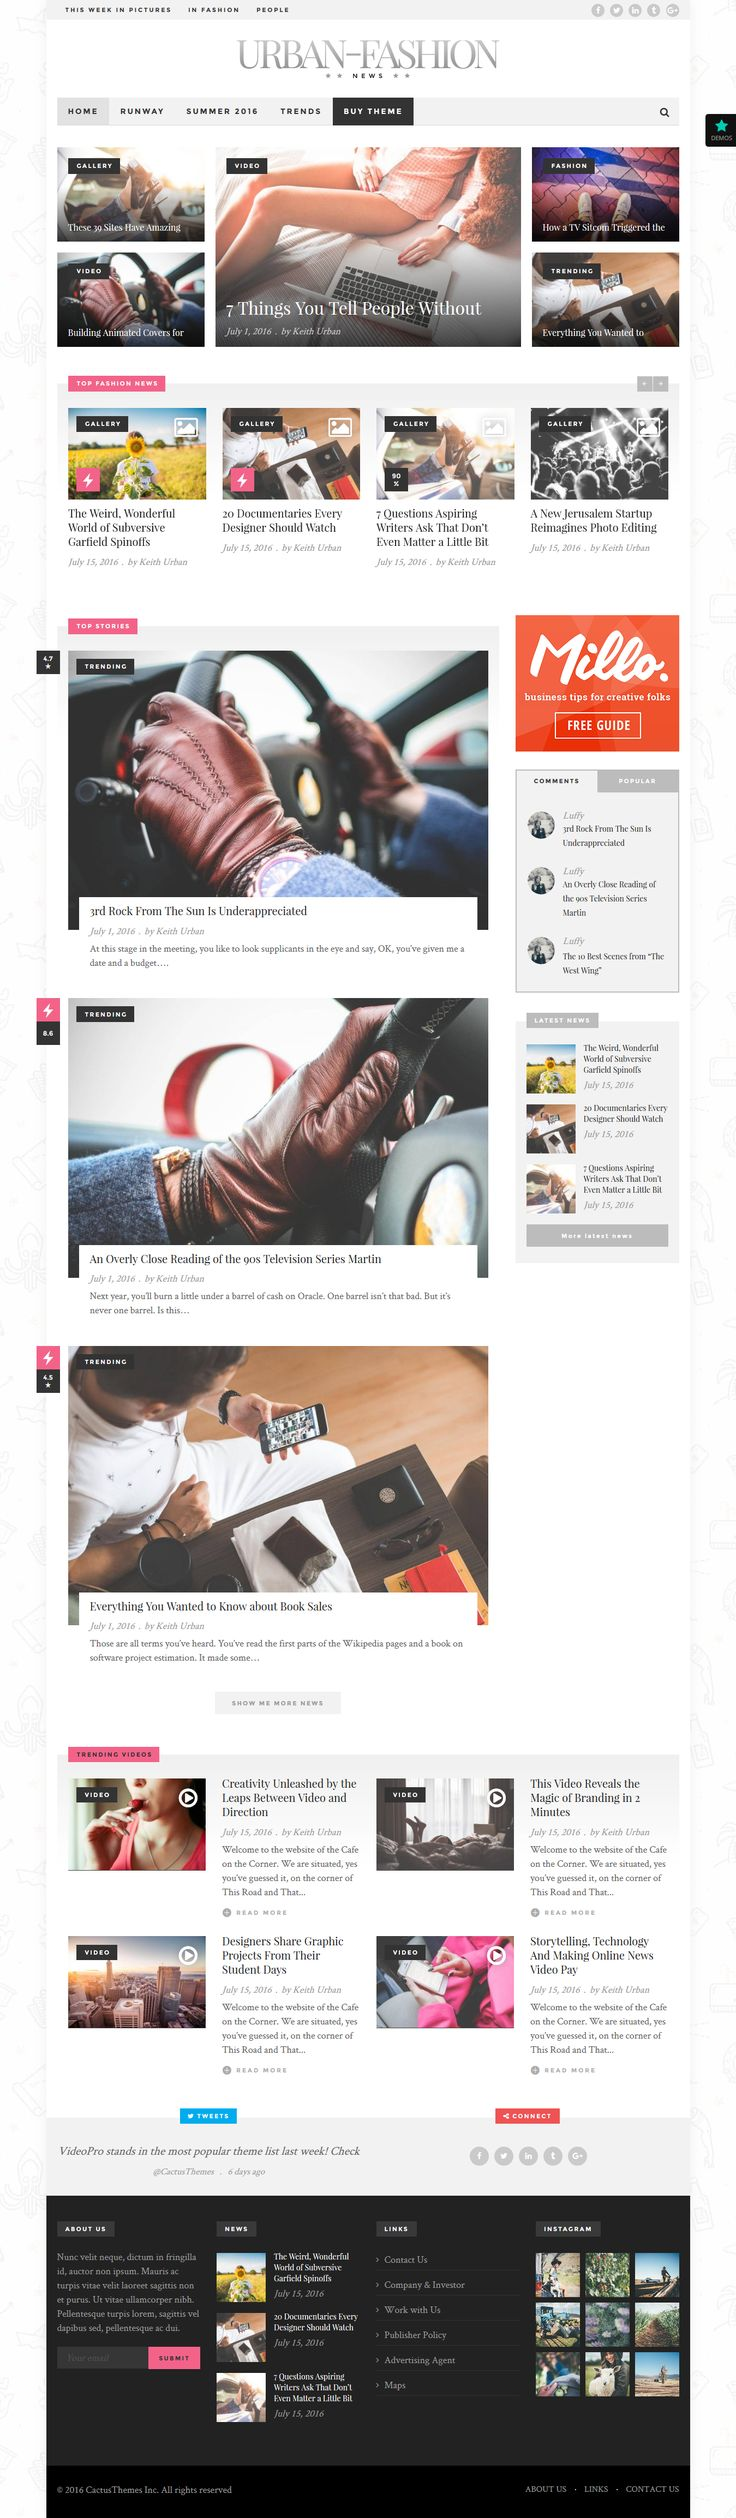 Schön Blog Vorlage Wordpress Galerie - Entry Level Resume Vorlagen ...